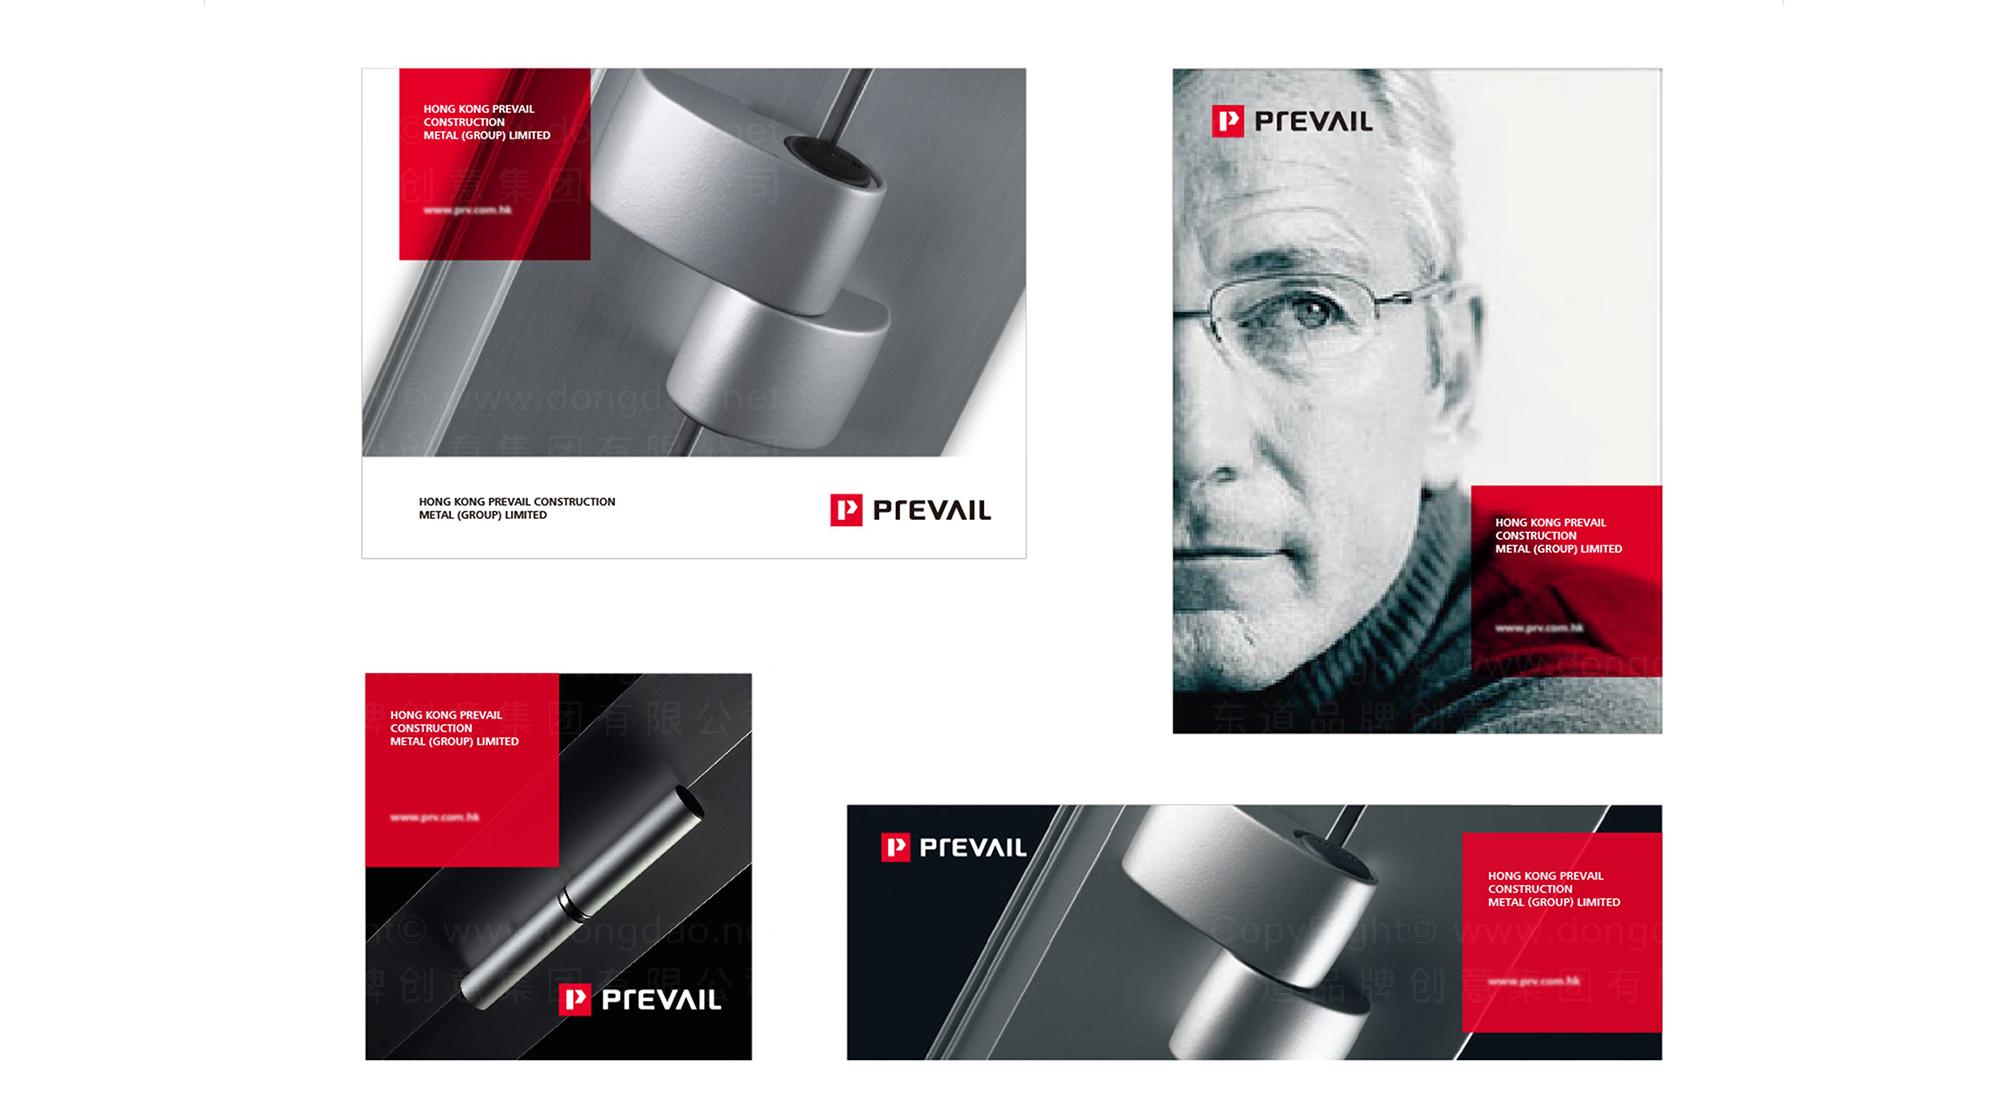 品牌设计香港普利威建筑五金(集团)有限公司标志设计LOGO&VI设计应用场景